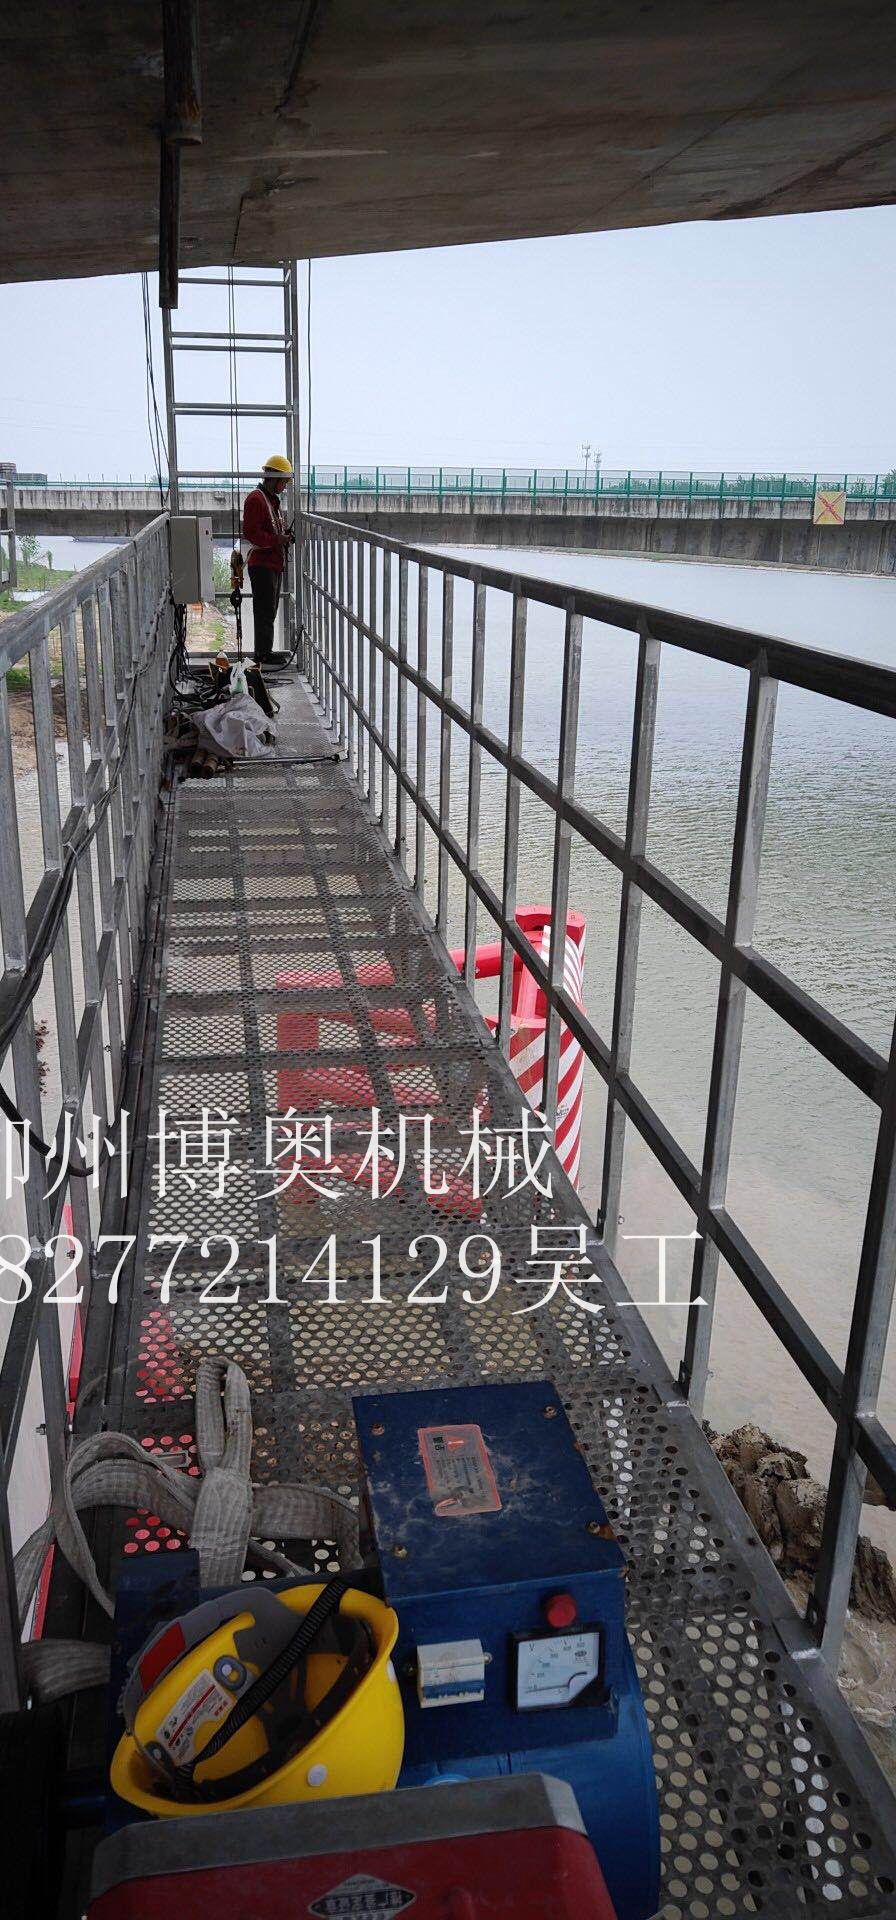 桥梁检测吊篮